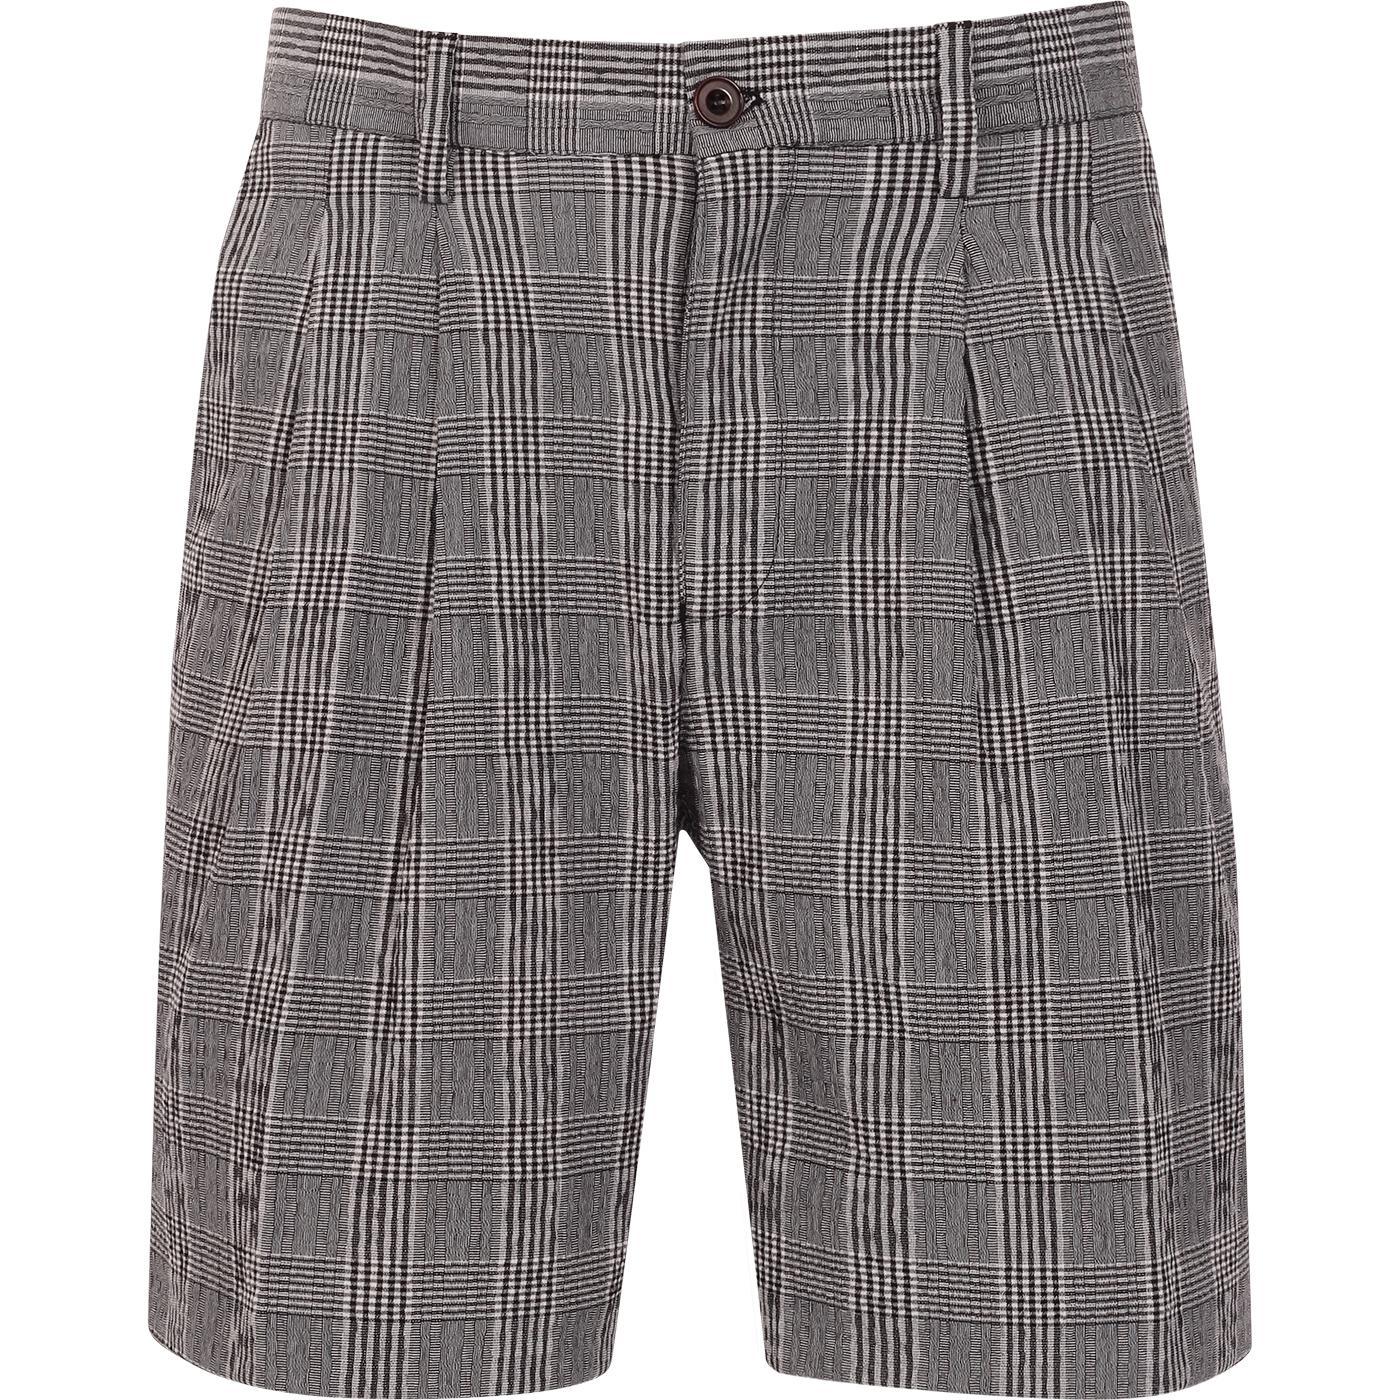 Casey FARAH 100 Retro Seersucker POW Check Shorts